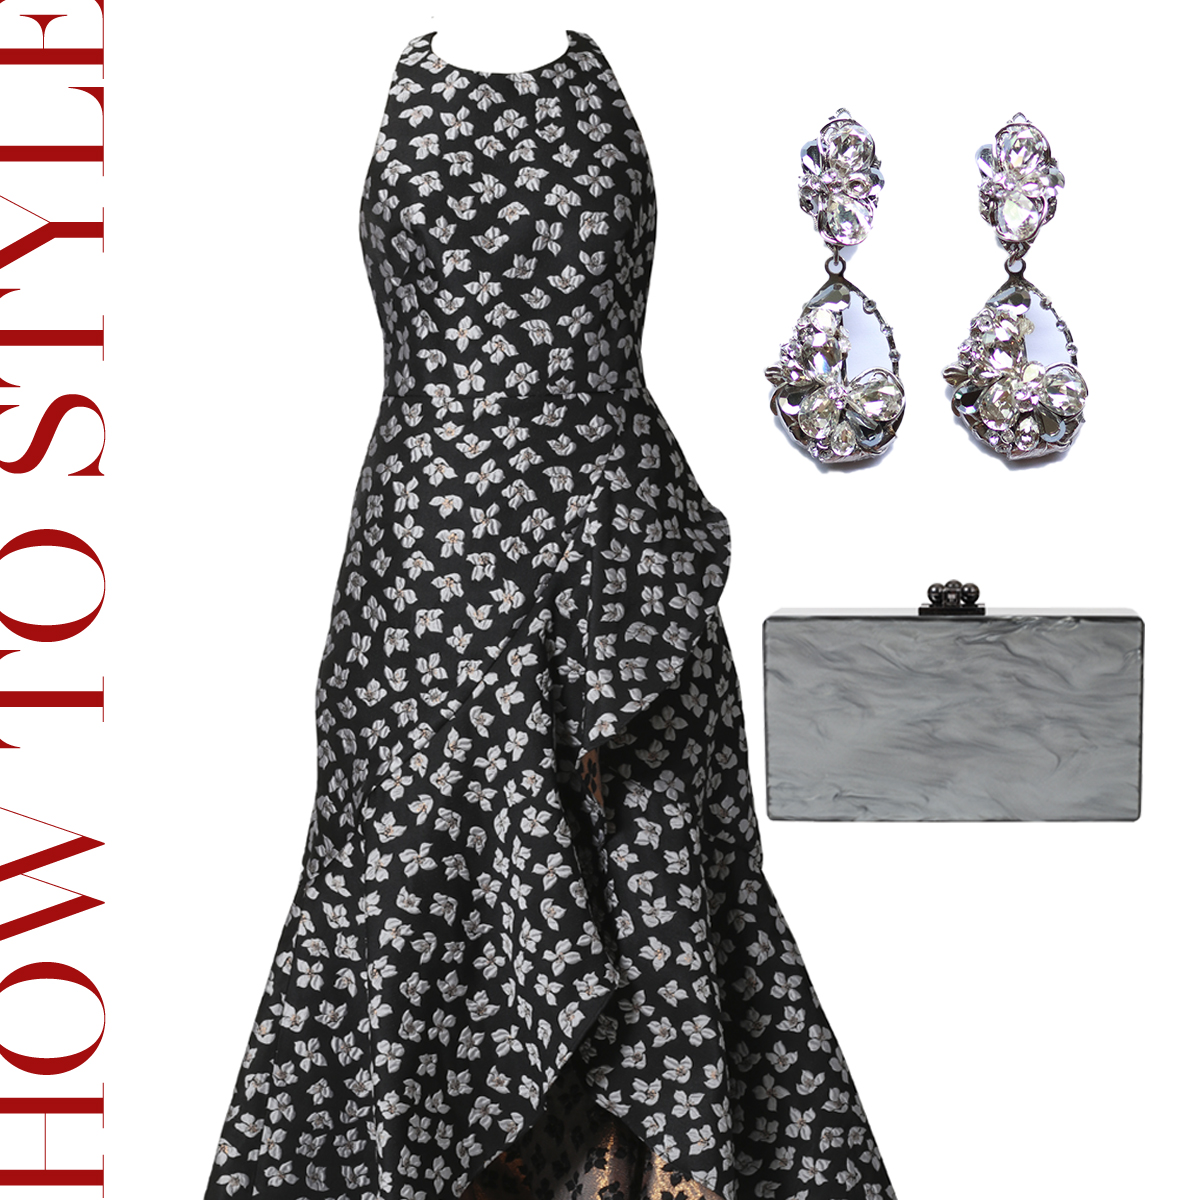 白と黒の小花模様のジャガード生地のロングドレスにグレーのアクリルのクラッチバッグとクリスタルの揺れるイヤリングを合わせたおしゃれなコーディネート